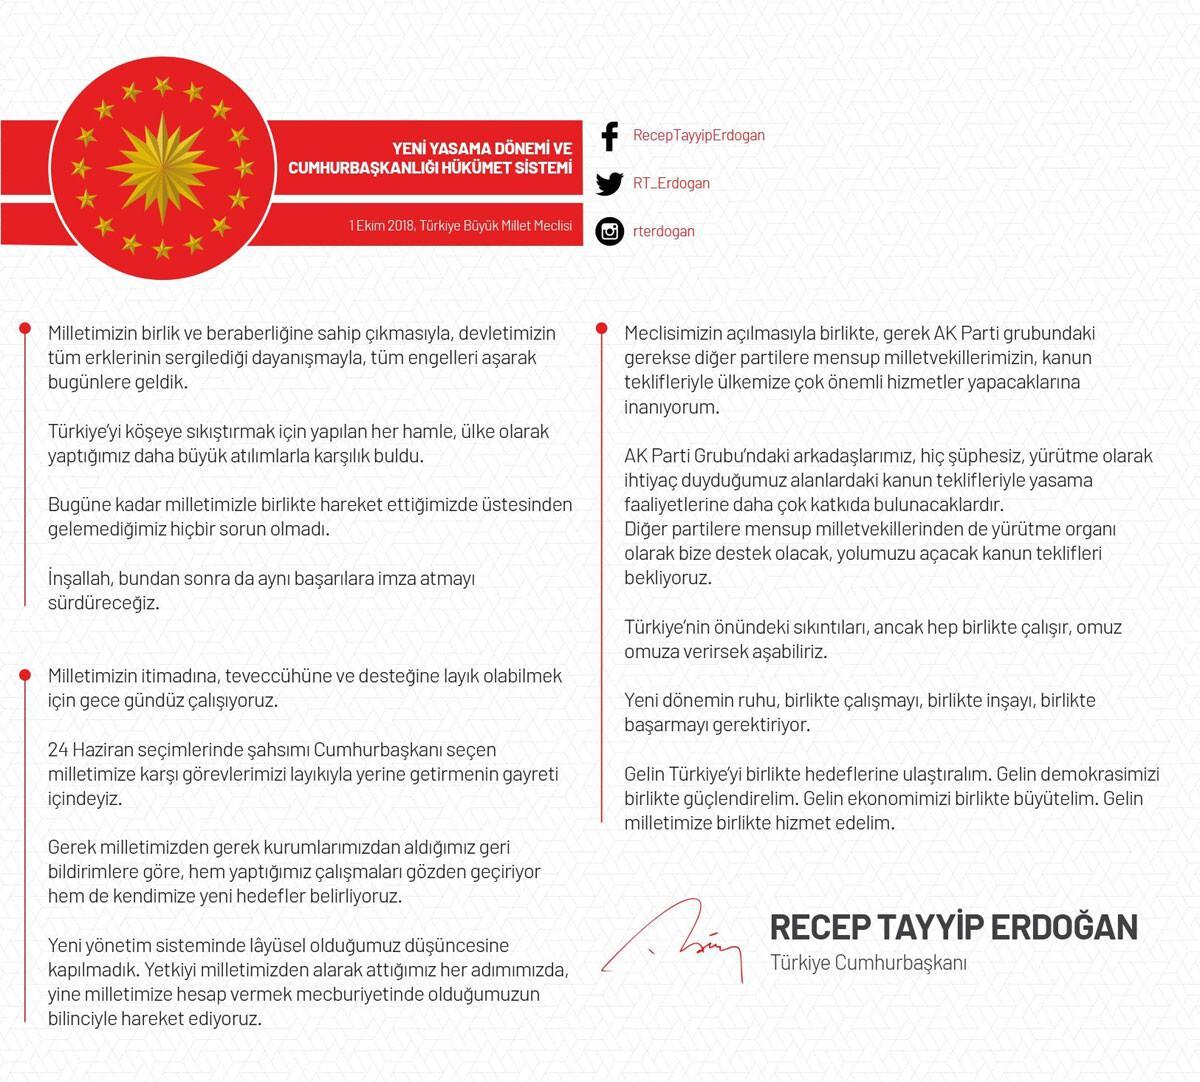 Cumhurbaşkanı Erdoğan'dan 'reform' mesajı